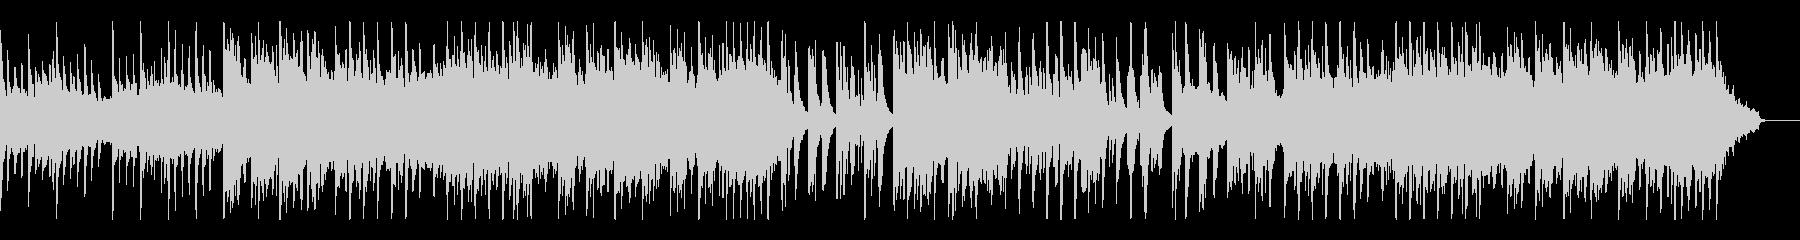 ピアノとシンセパッドによるシンプルなBGの未再生の波形